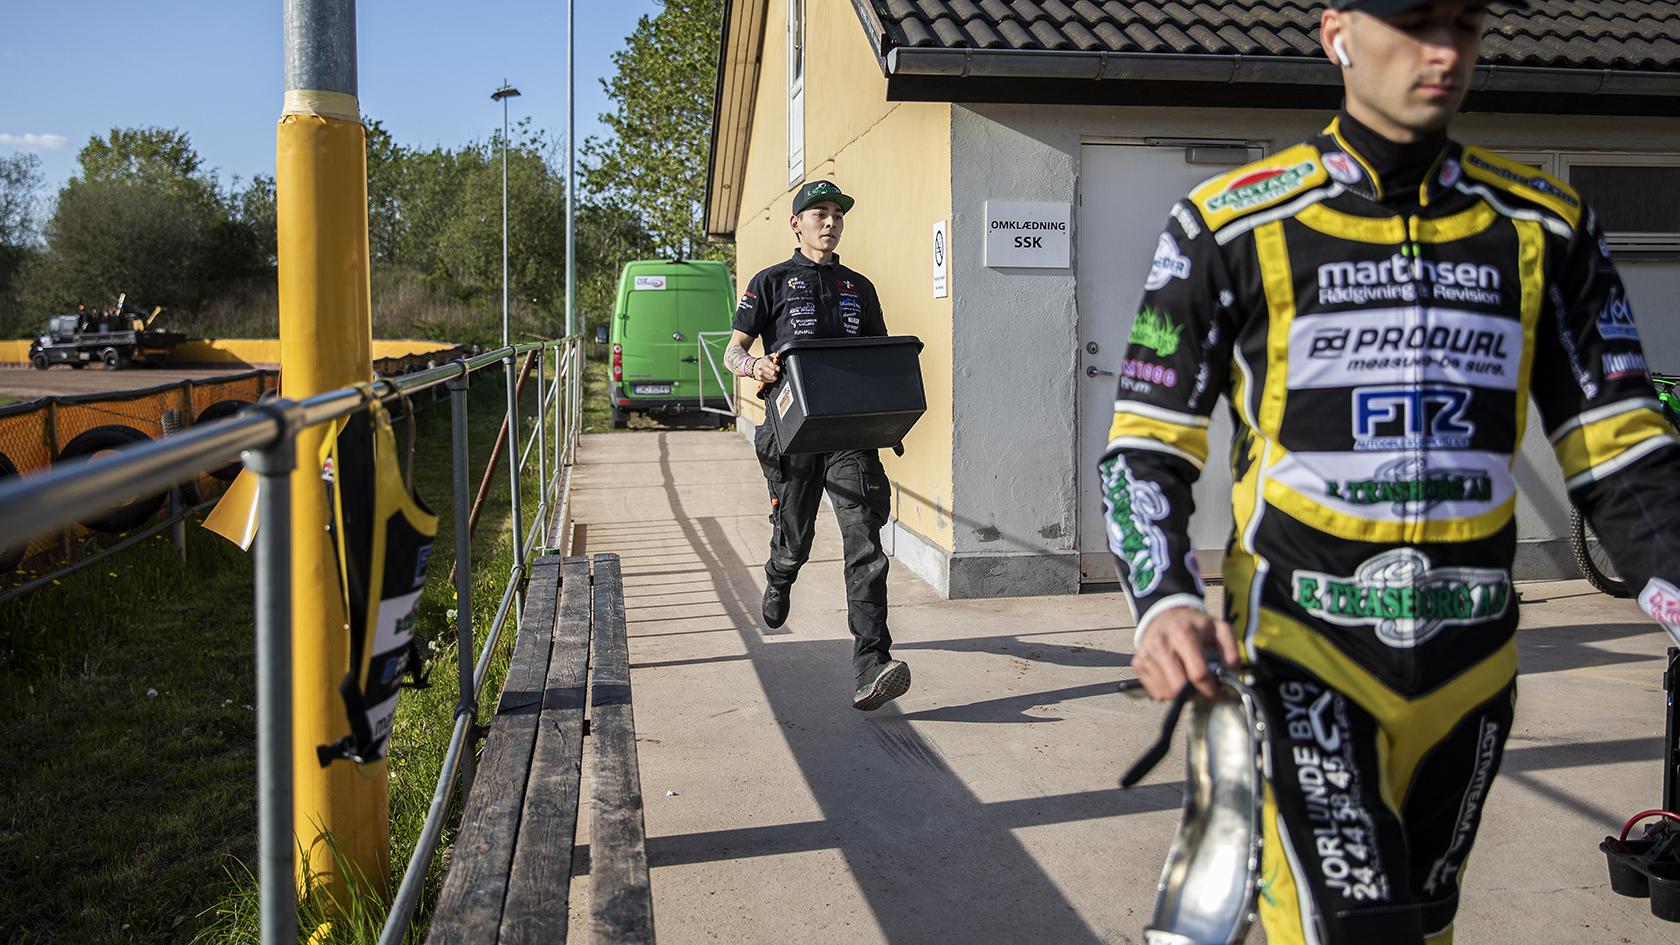 Kim Christensen er i sit livs bedste form. Han har kvittet smøgerne og trænet hele vinteren. Nu kan han yde optimalt, når Marius Nielsen har problemer med cyklen.